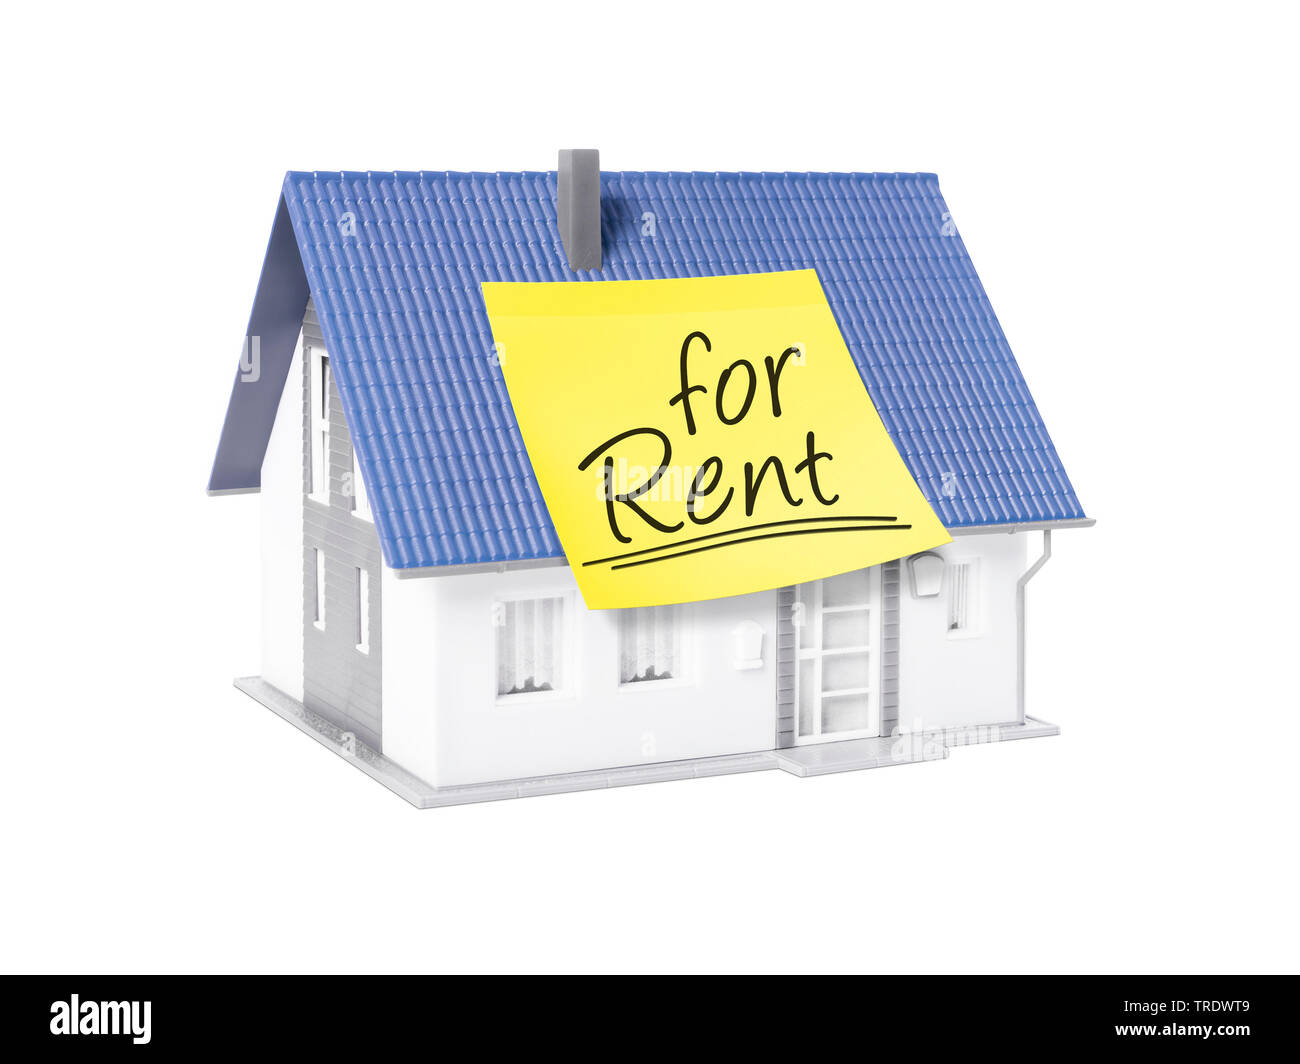 3D-Computergrafik, Alleinstehendes Einfamilienhaus mit gelbem Klebezettel mit der Aufschrift FOR RENT (zu vermieten) | 3D computer graphic, freestandi - Stock Image